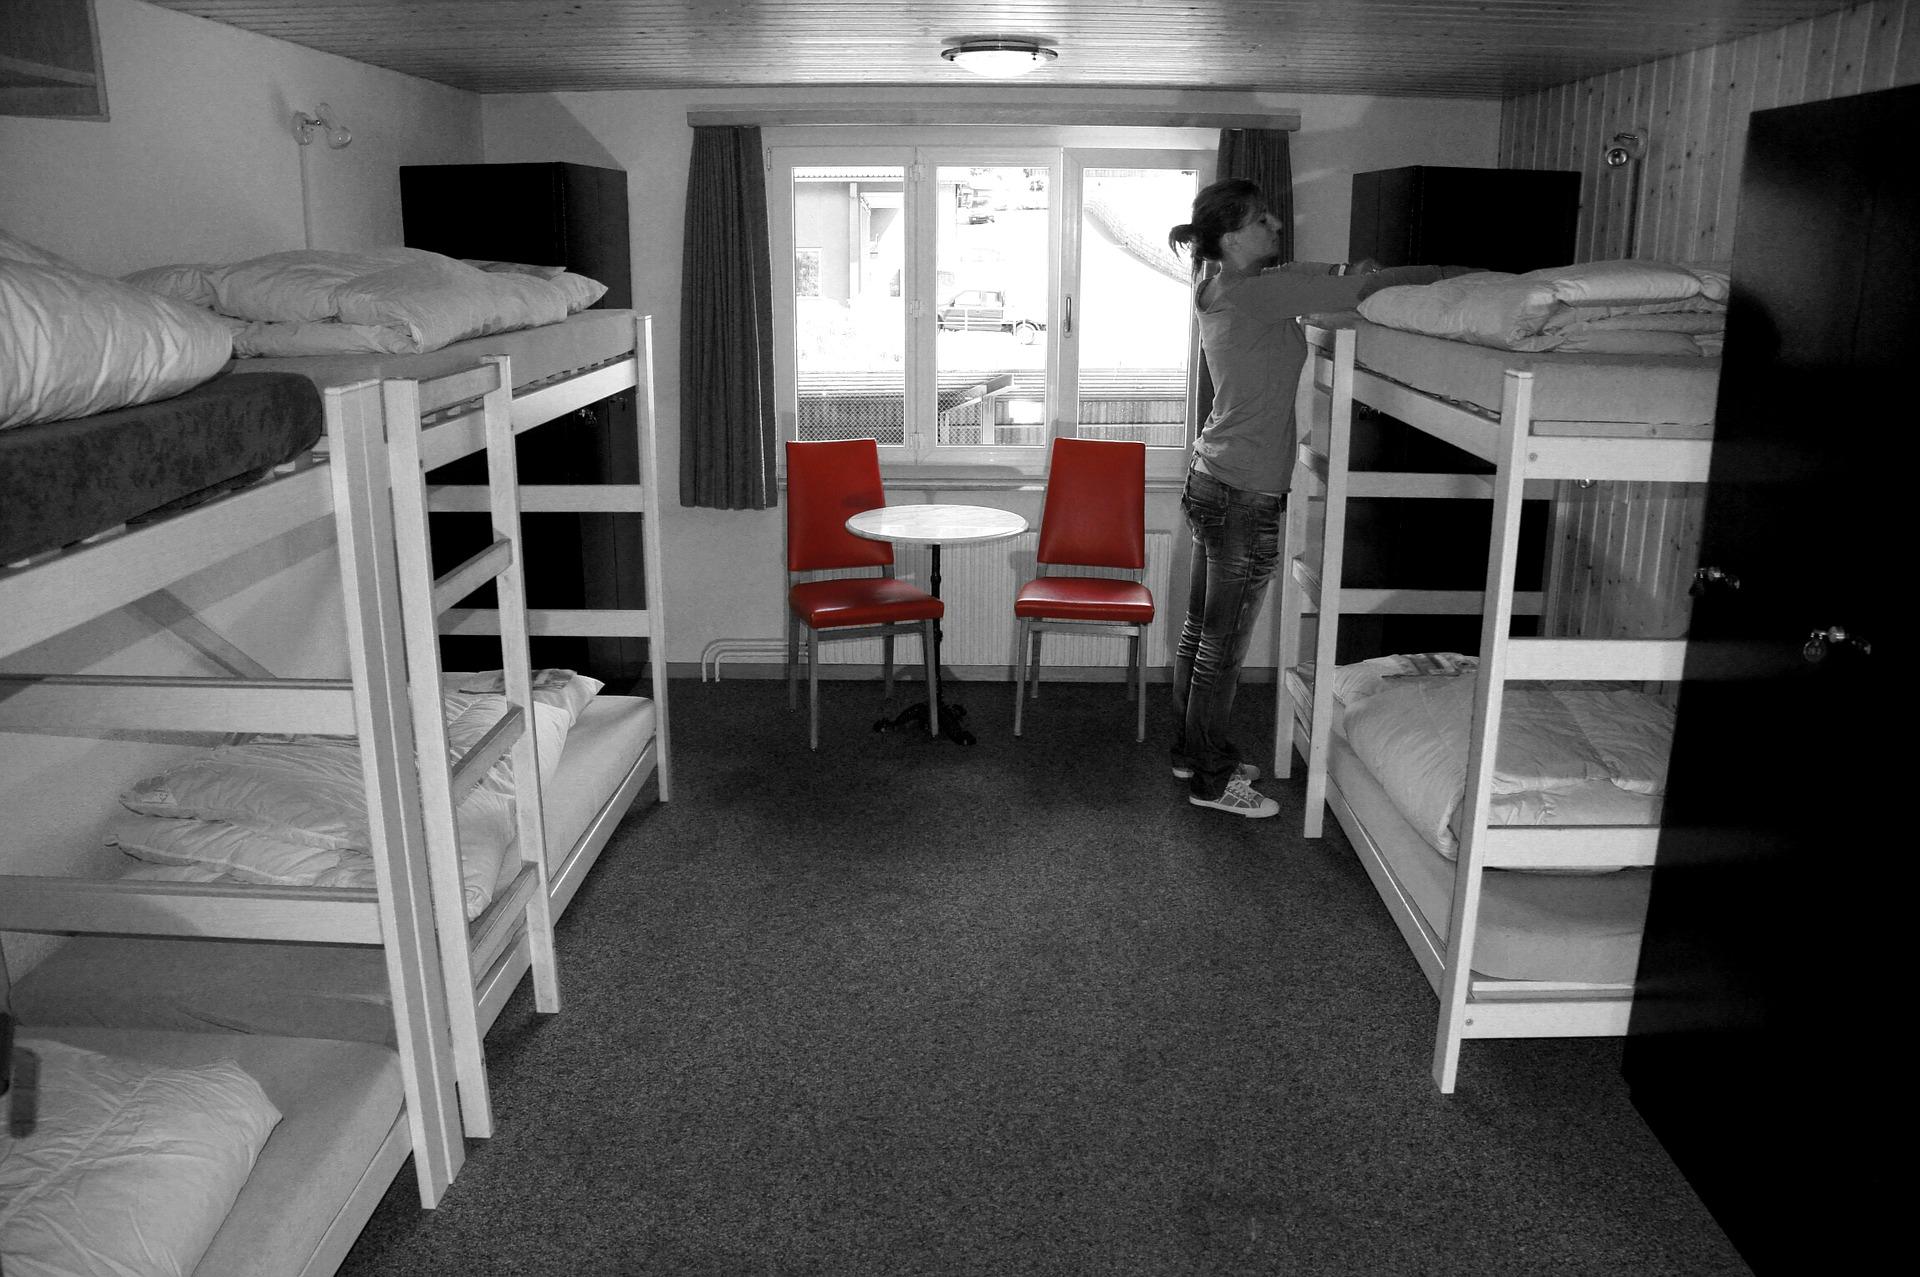 HostelTraveler.com